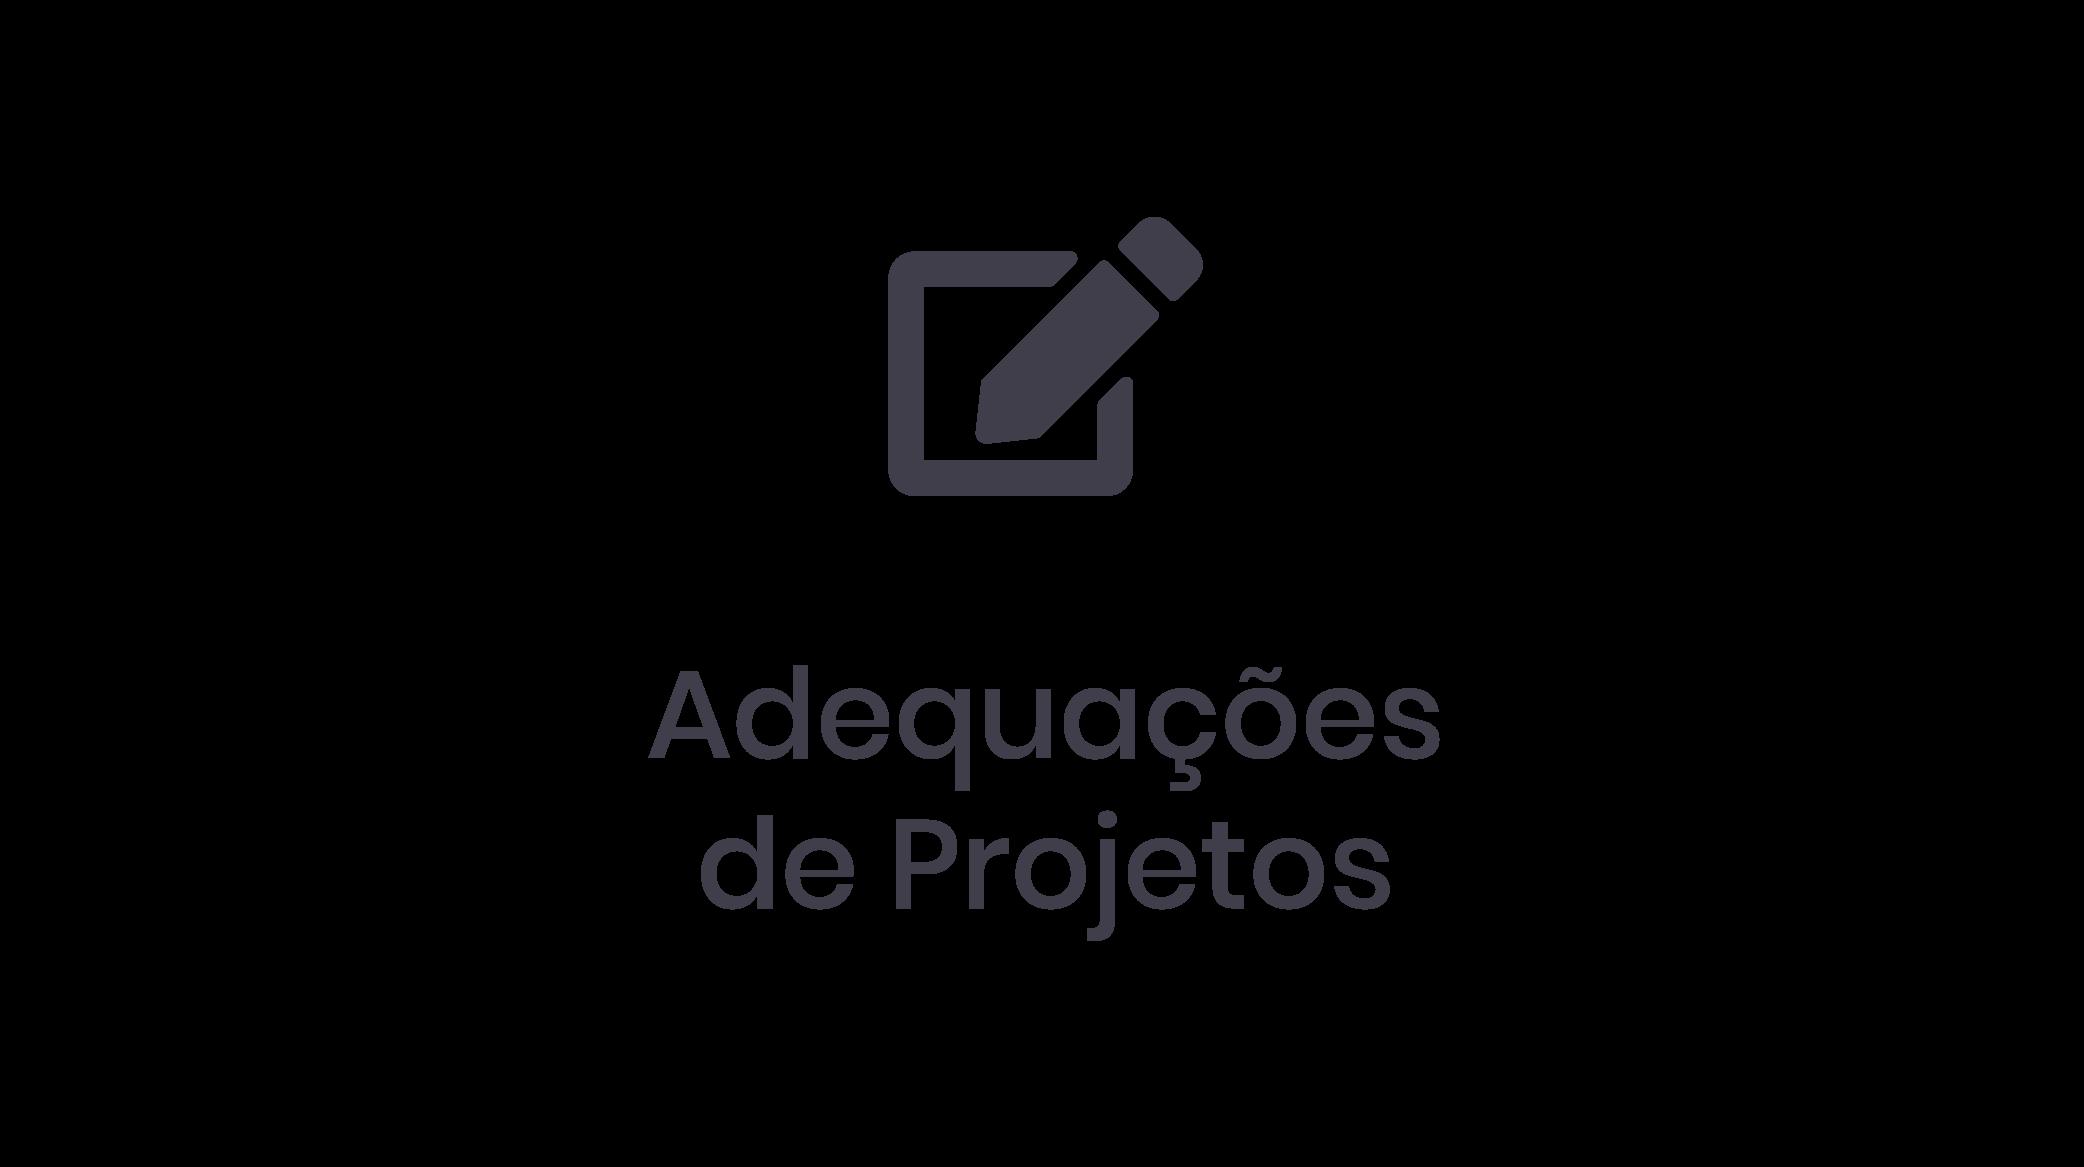 Adequações de Projetos